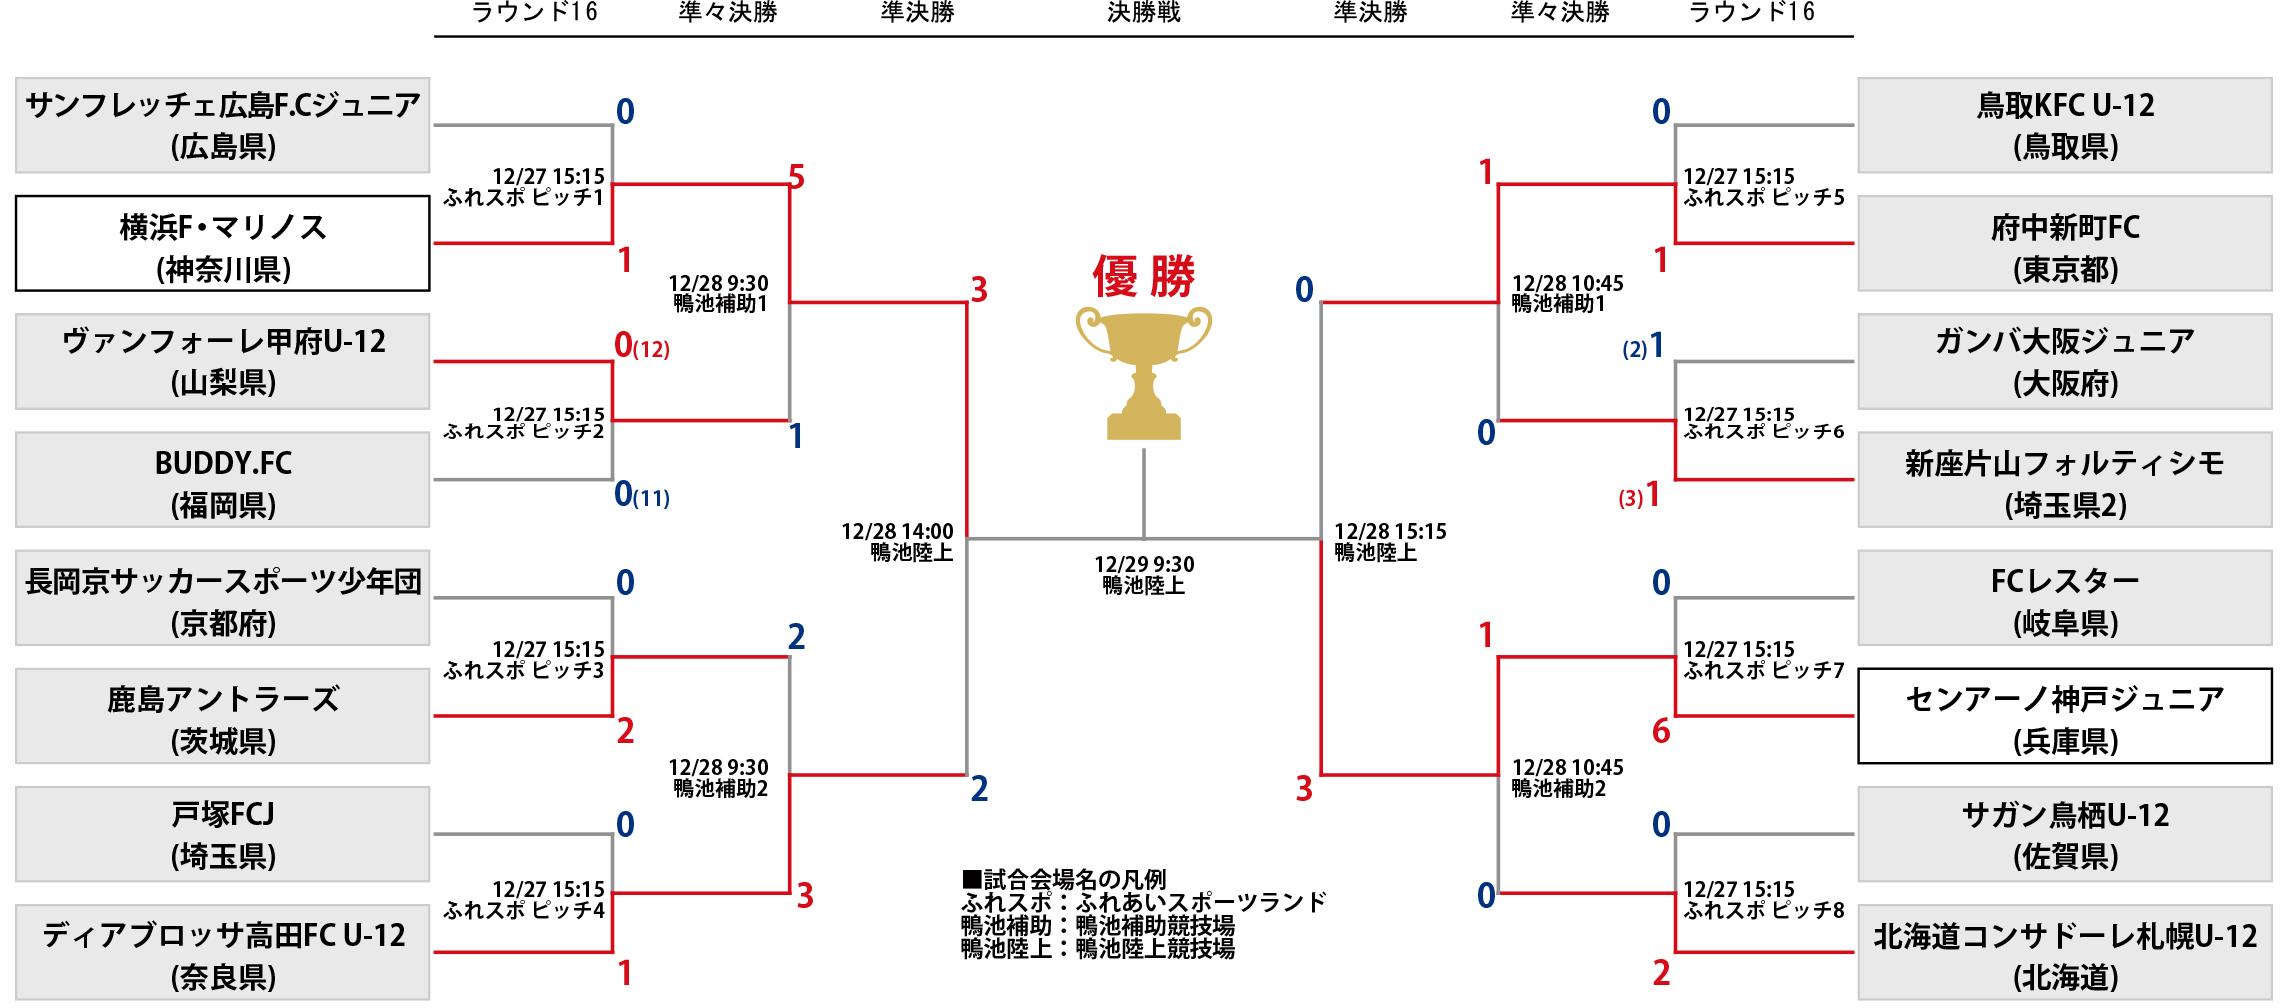 第40回 全日本少年サッカー大会 準々決勝